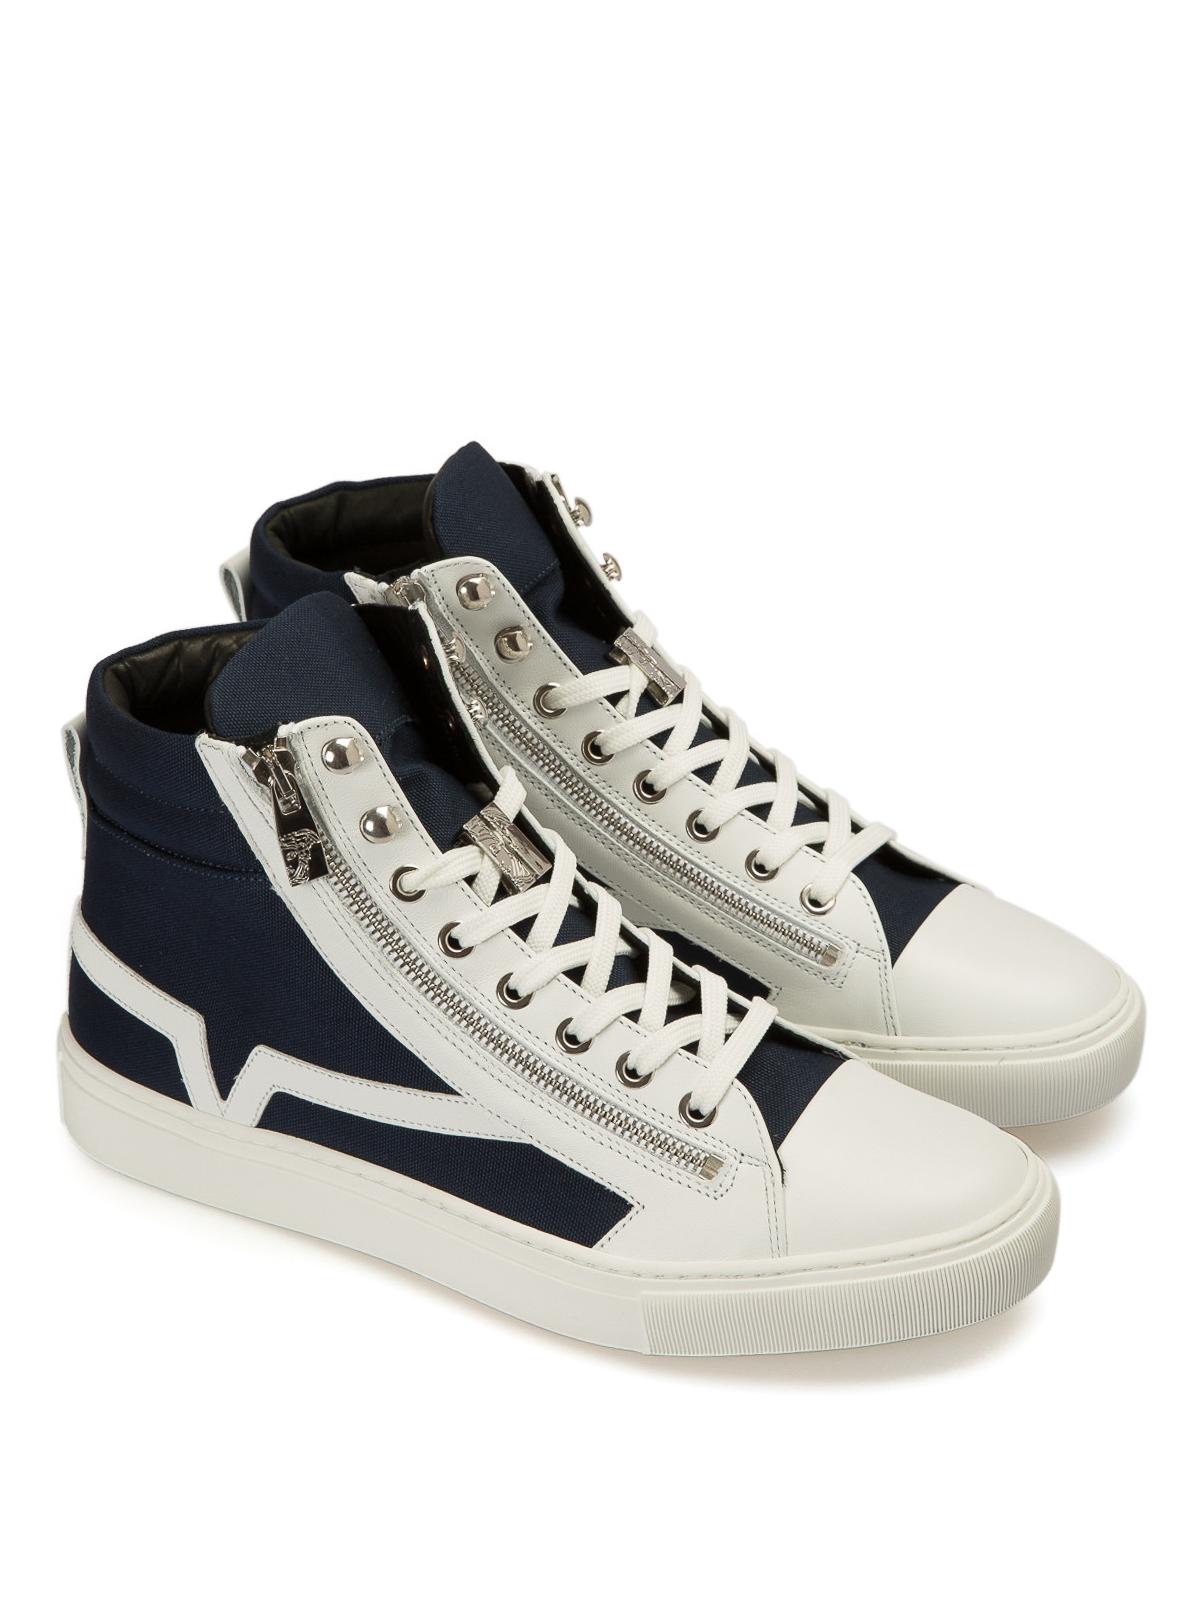 Versace Collection - Baskets Bleu Pour Homme - Chaussures de sport